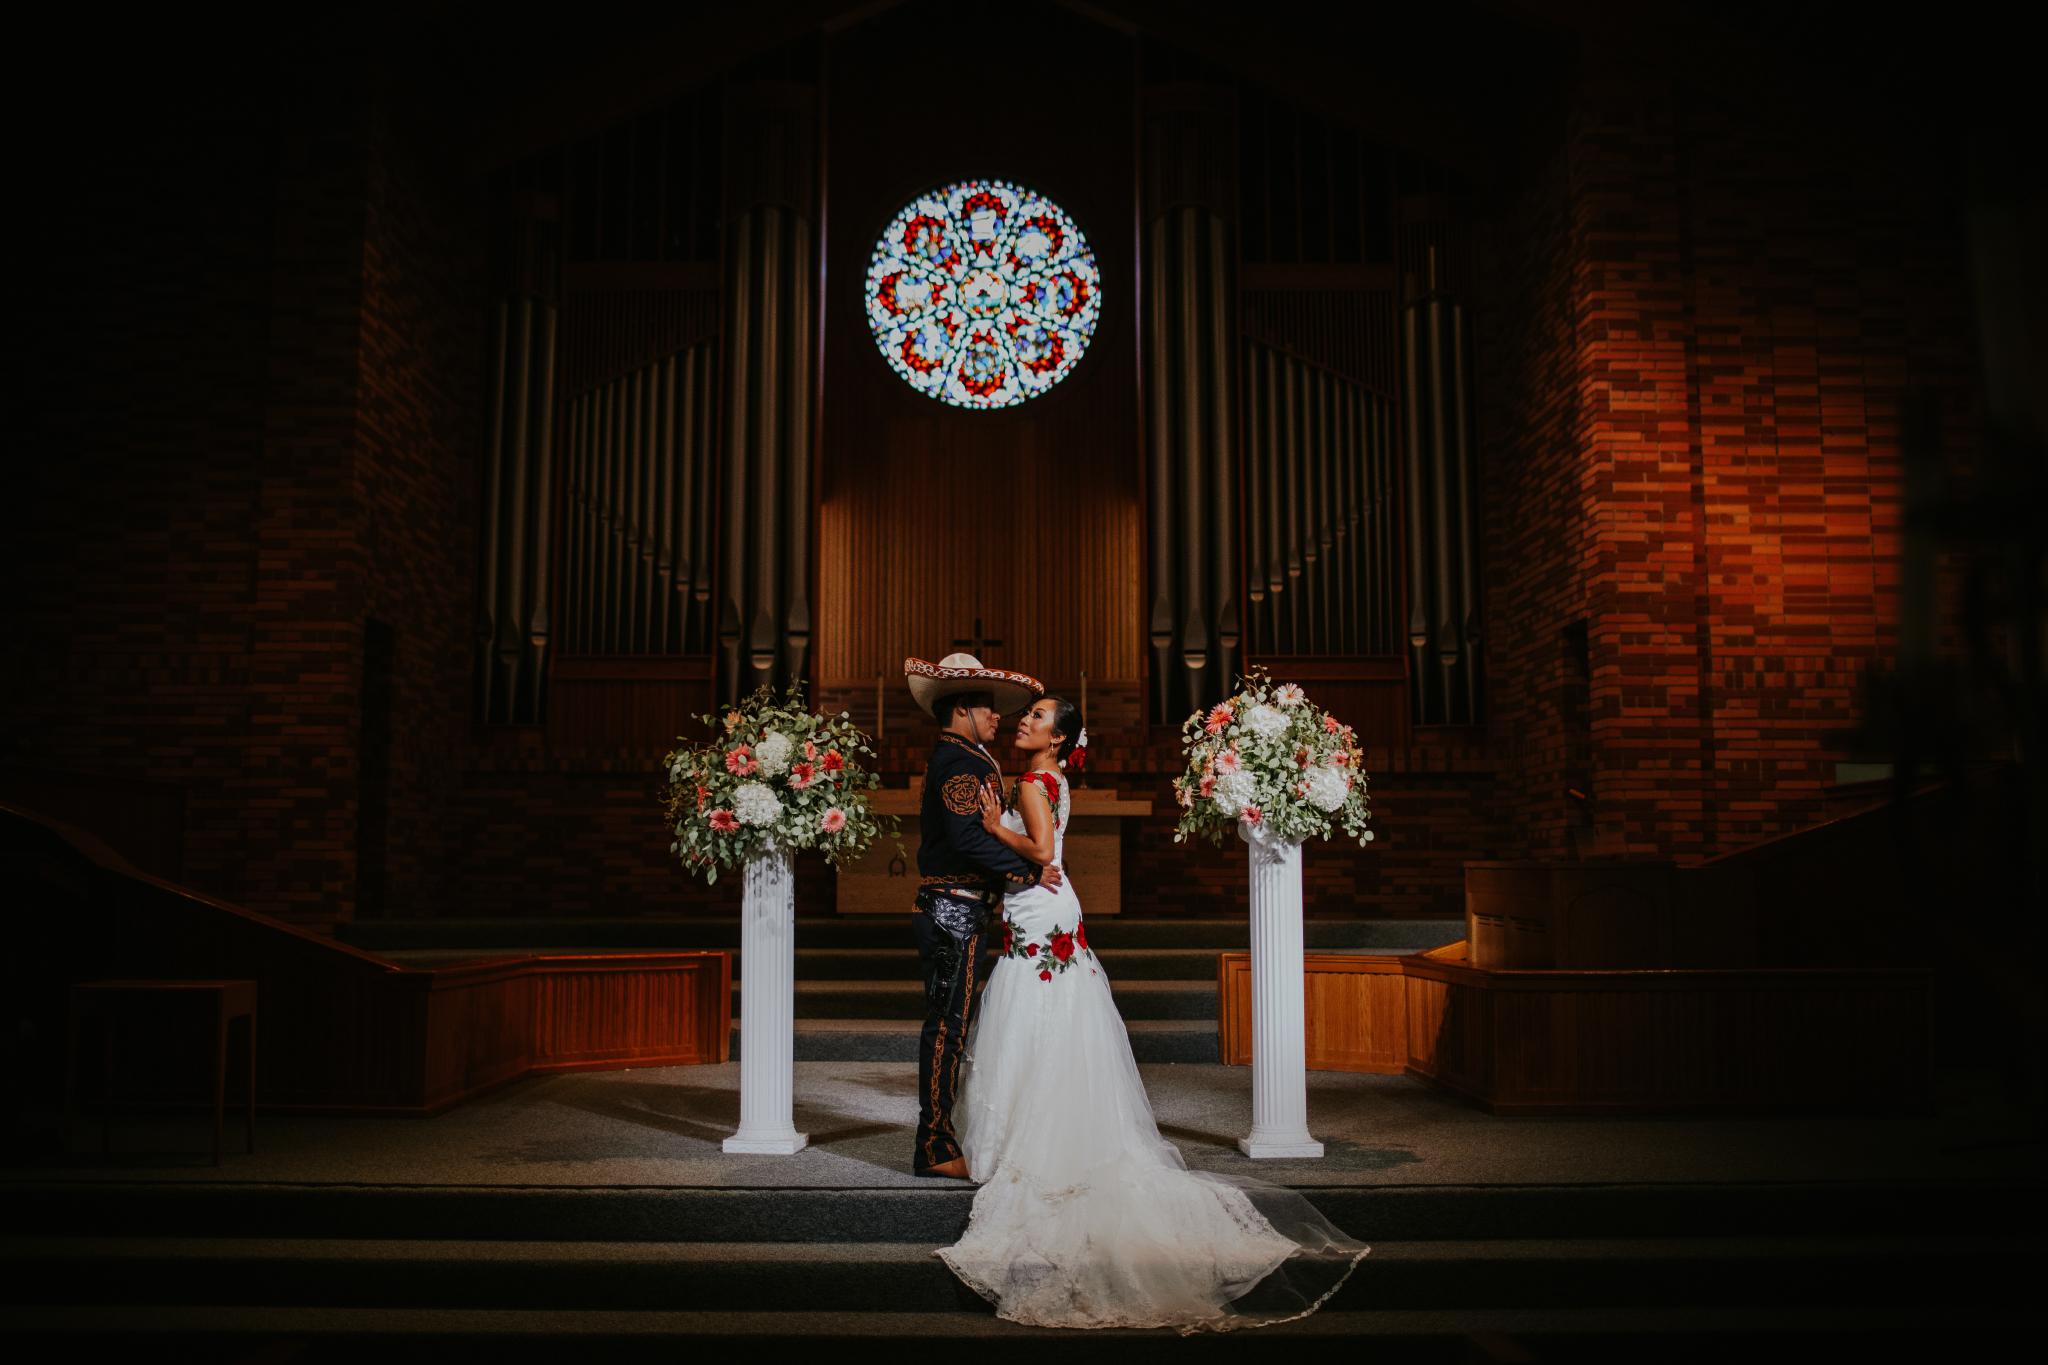 San Diego Wedding Photographer | wedding couple by the altar